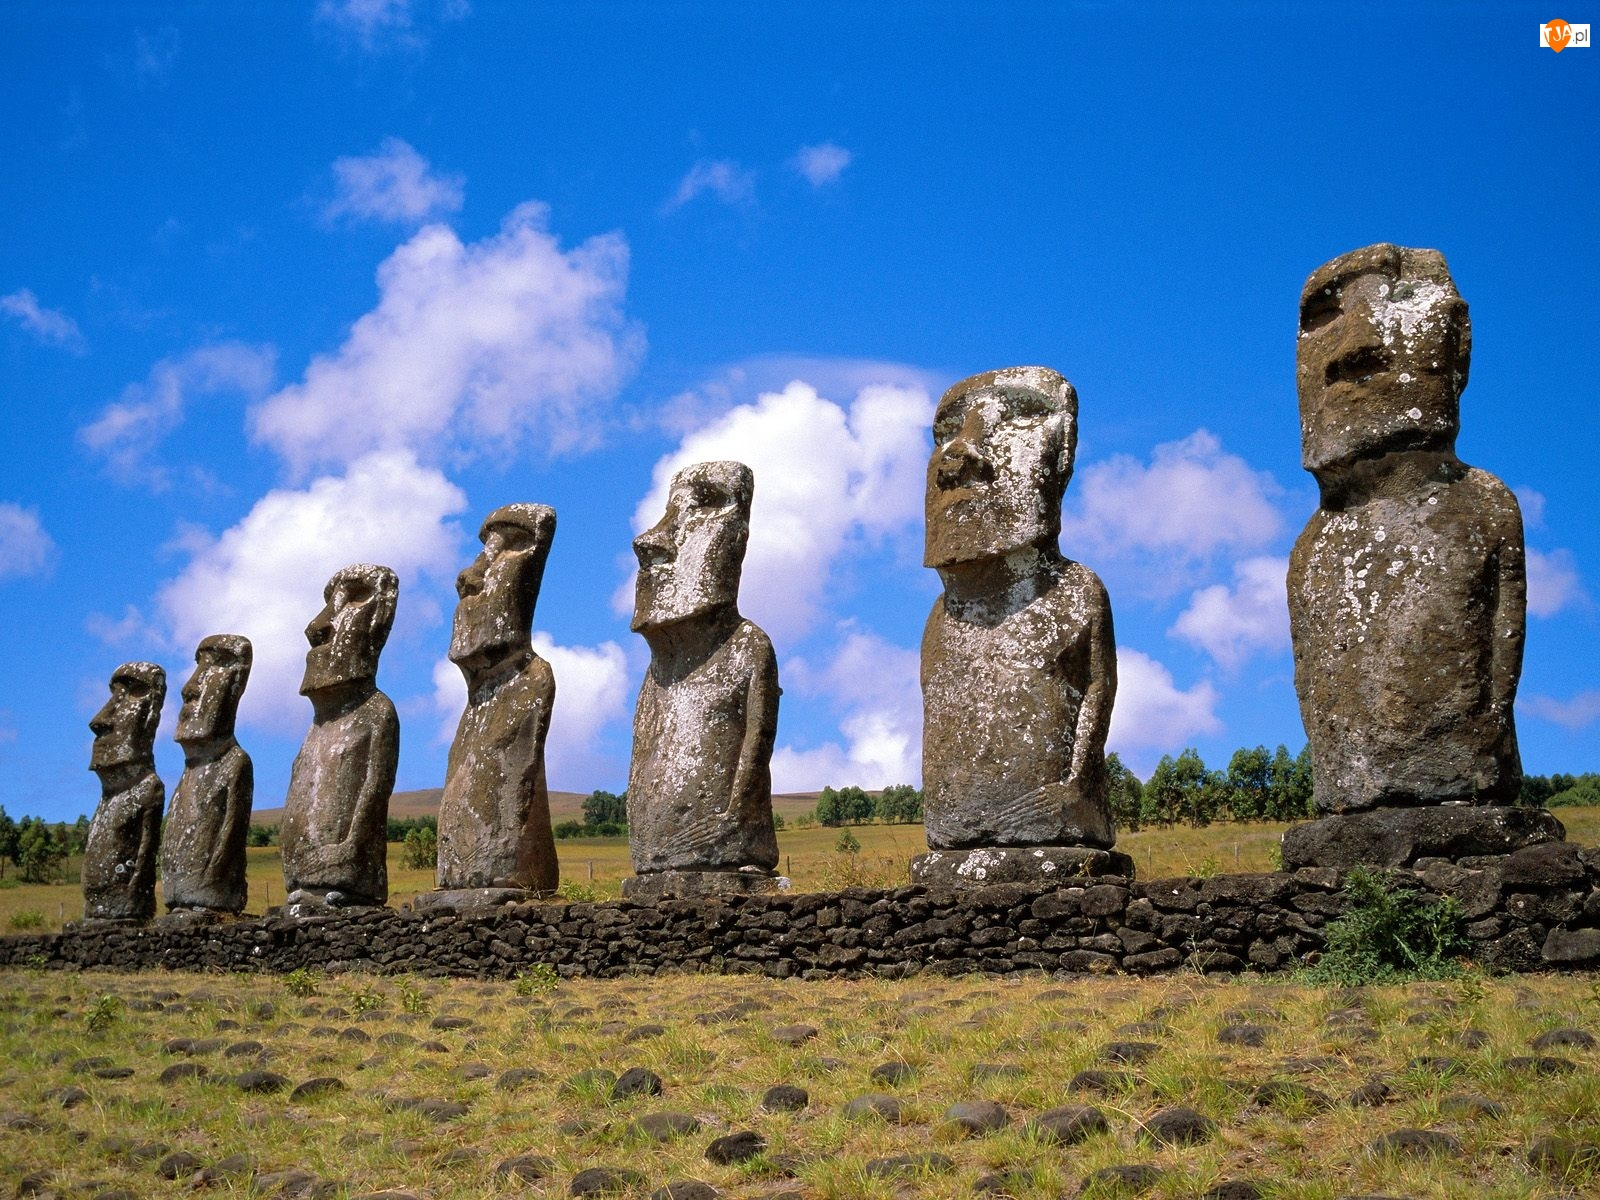 Wyspa Wielkanocna, Posągi, Moai